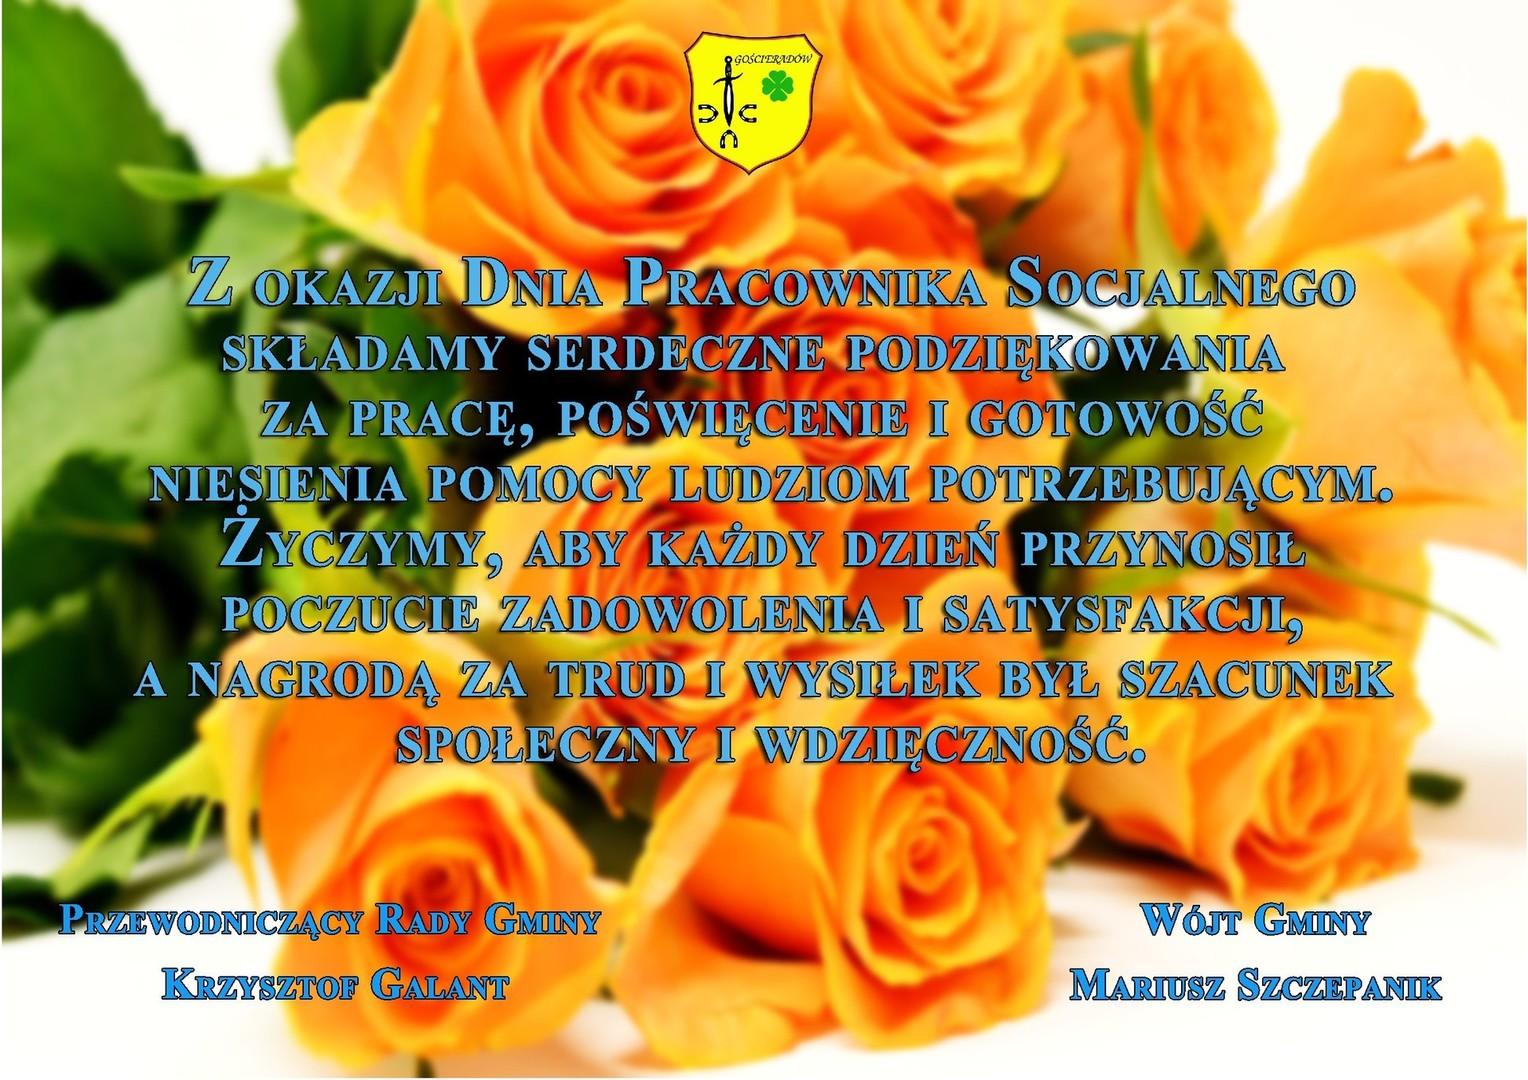 Życzenia na tle pomarańczowych róż